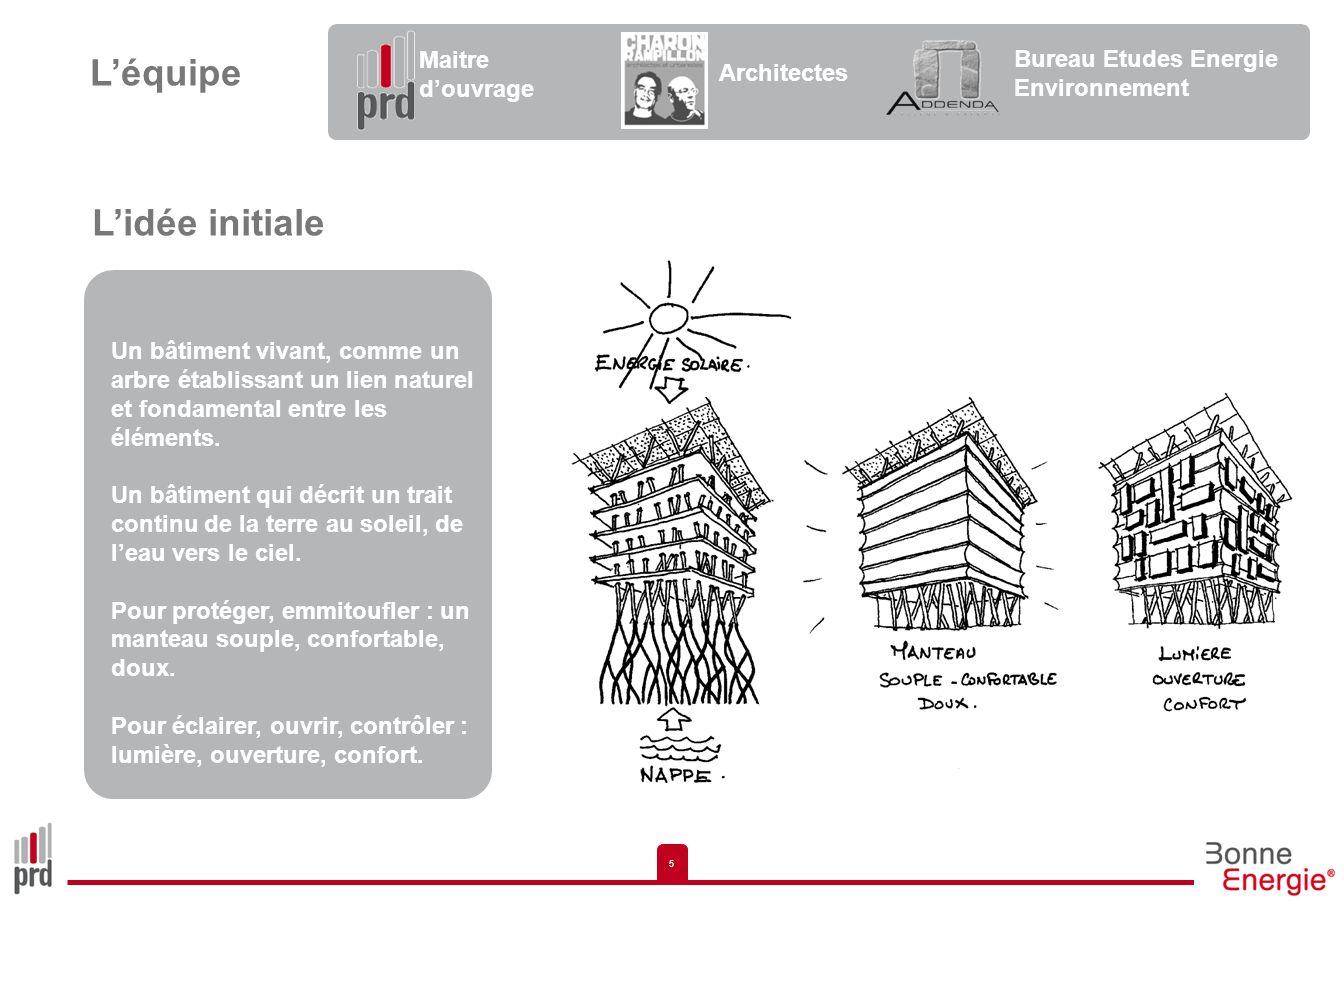 5 5 Lidée initiale Un bâtiment vivant, comme un arbre établissant un lien naturel et fondamental entre les éléments. Un bâtiment qui décrit un trait c